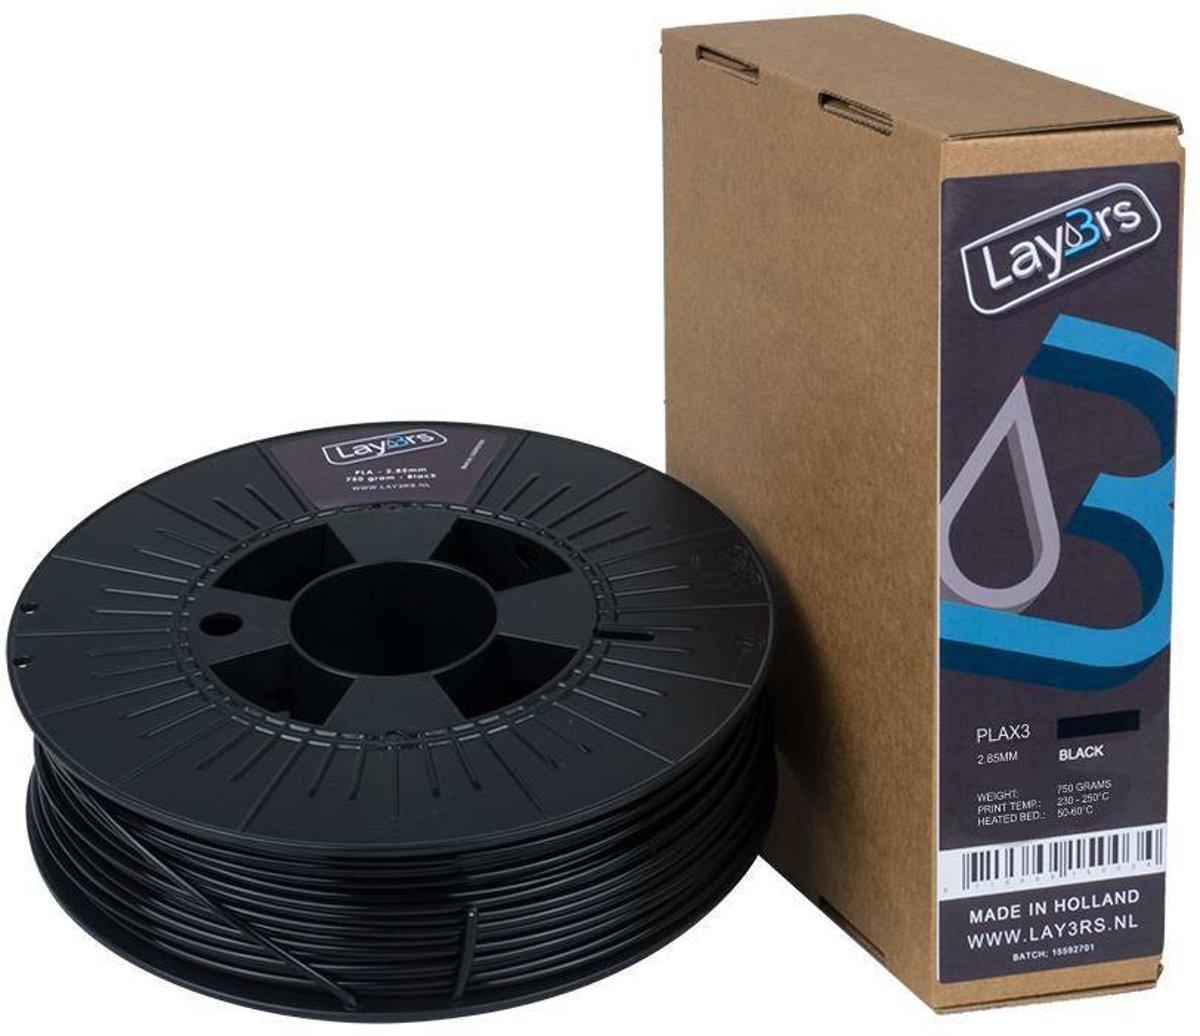 Lay3rs PLA X3 Black - 1.75 mm